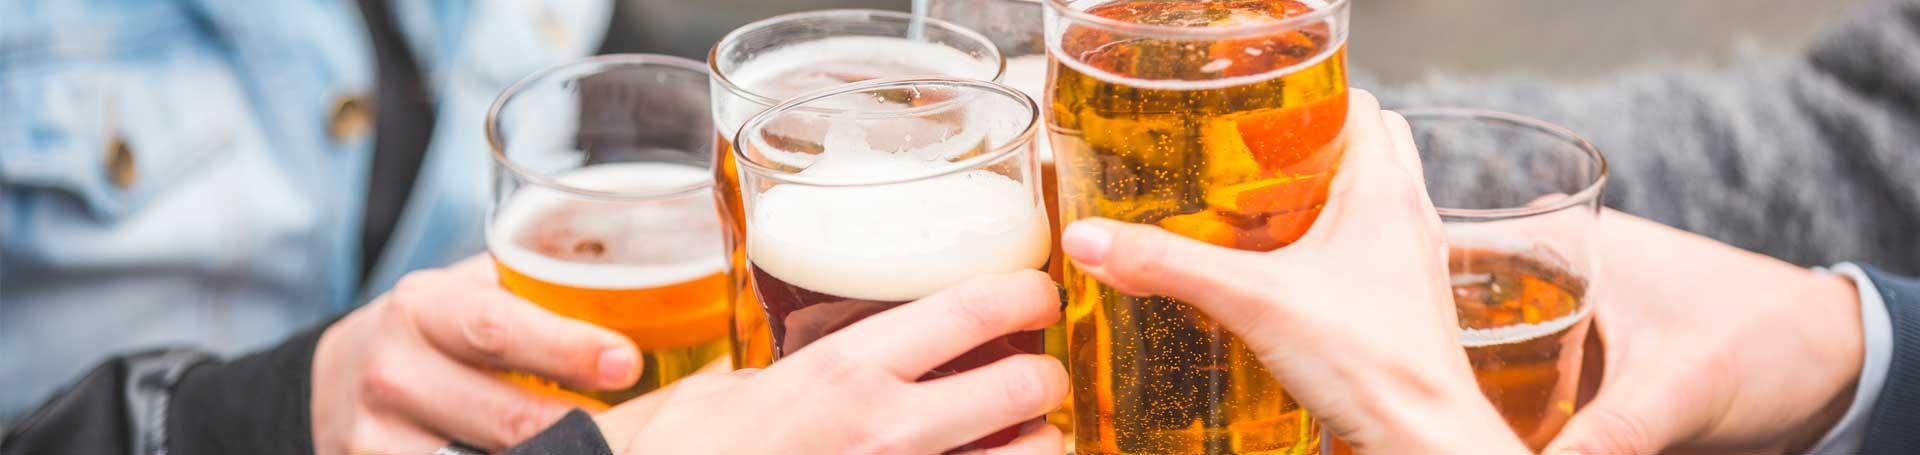 5 curiosidades sobre o imposto da cervejinha do fim de semana